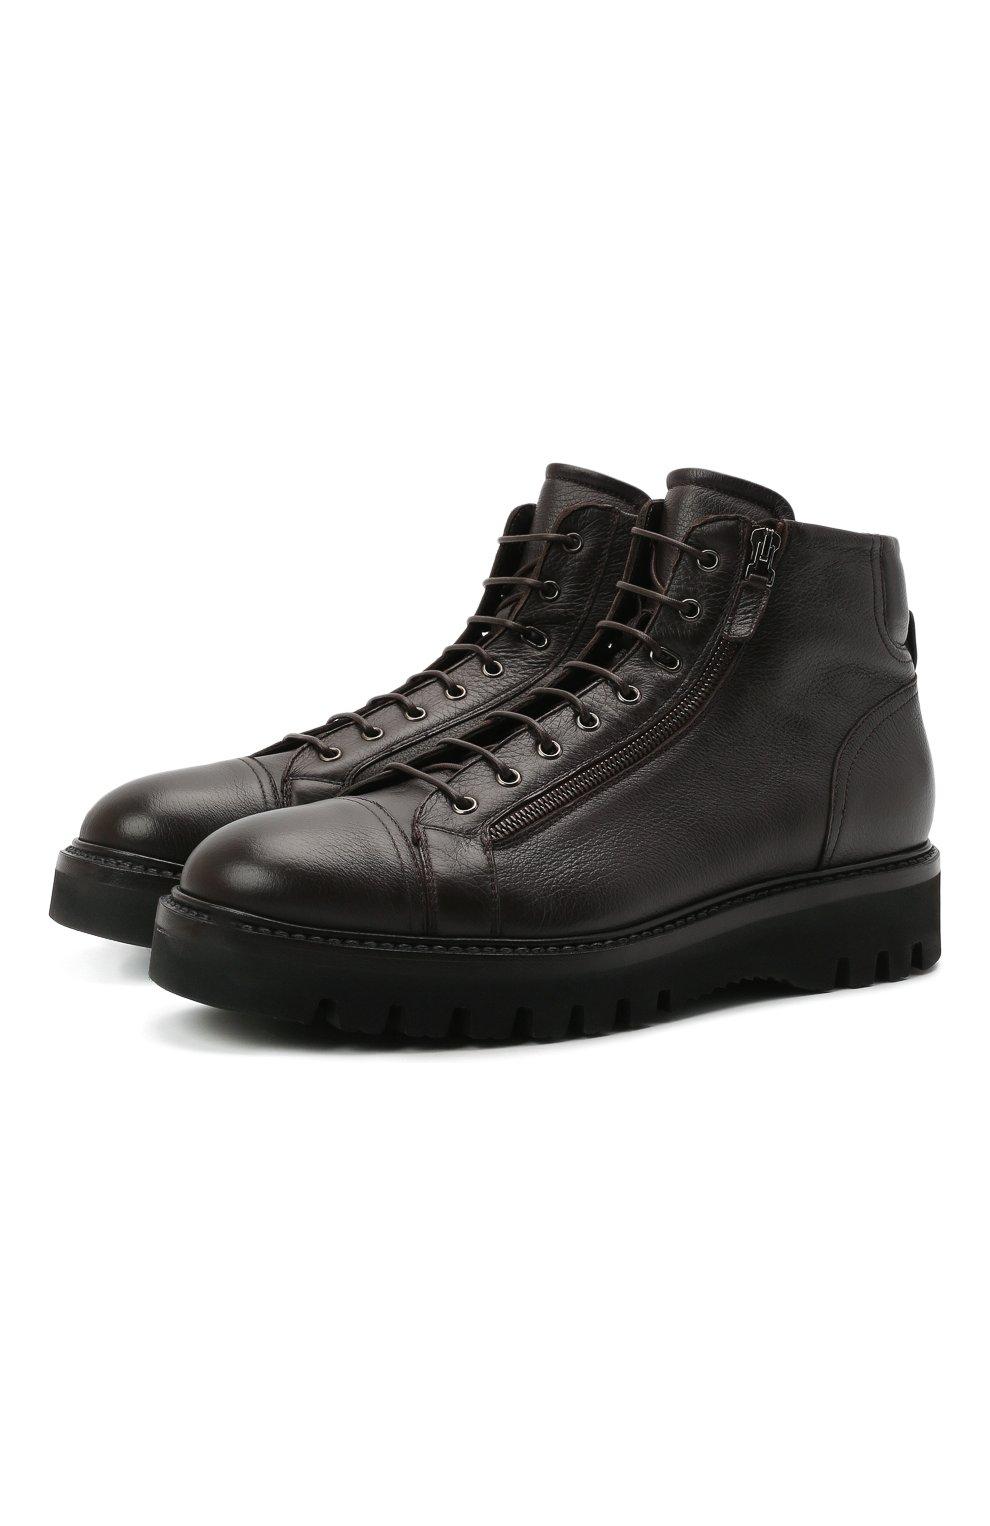 Мужские кожаные ботинки W.GIBBS темно-коричневого цвета, арт. 0672001/1541   Фото 1 (Мужское Кросс-КТ: Ботинки-обувь; Материал внутренний: Текстиль; Подошва: Массивная)